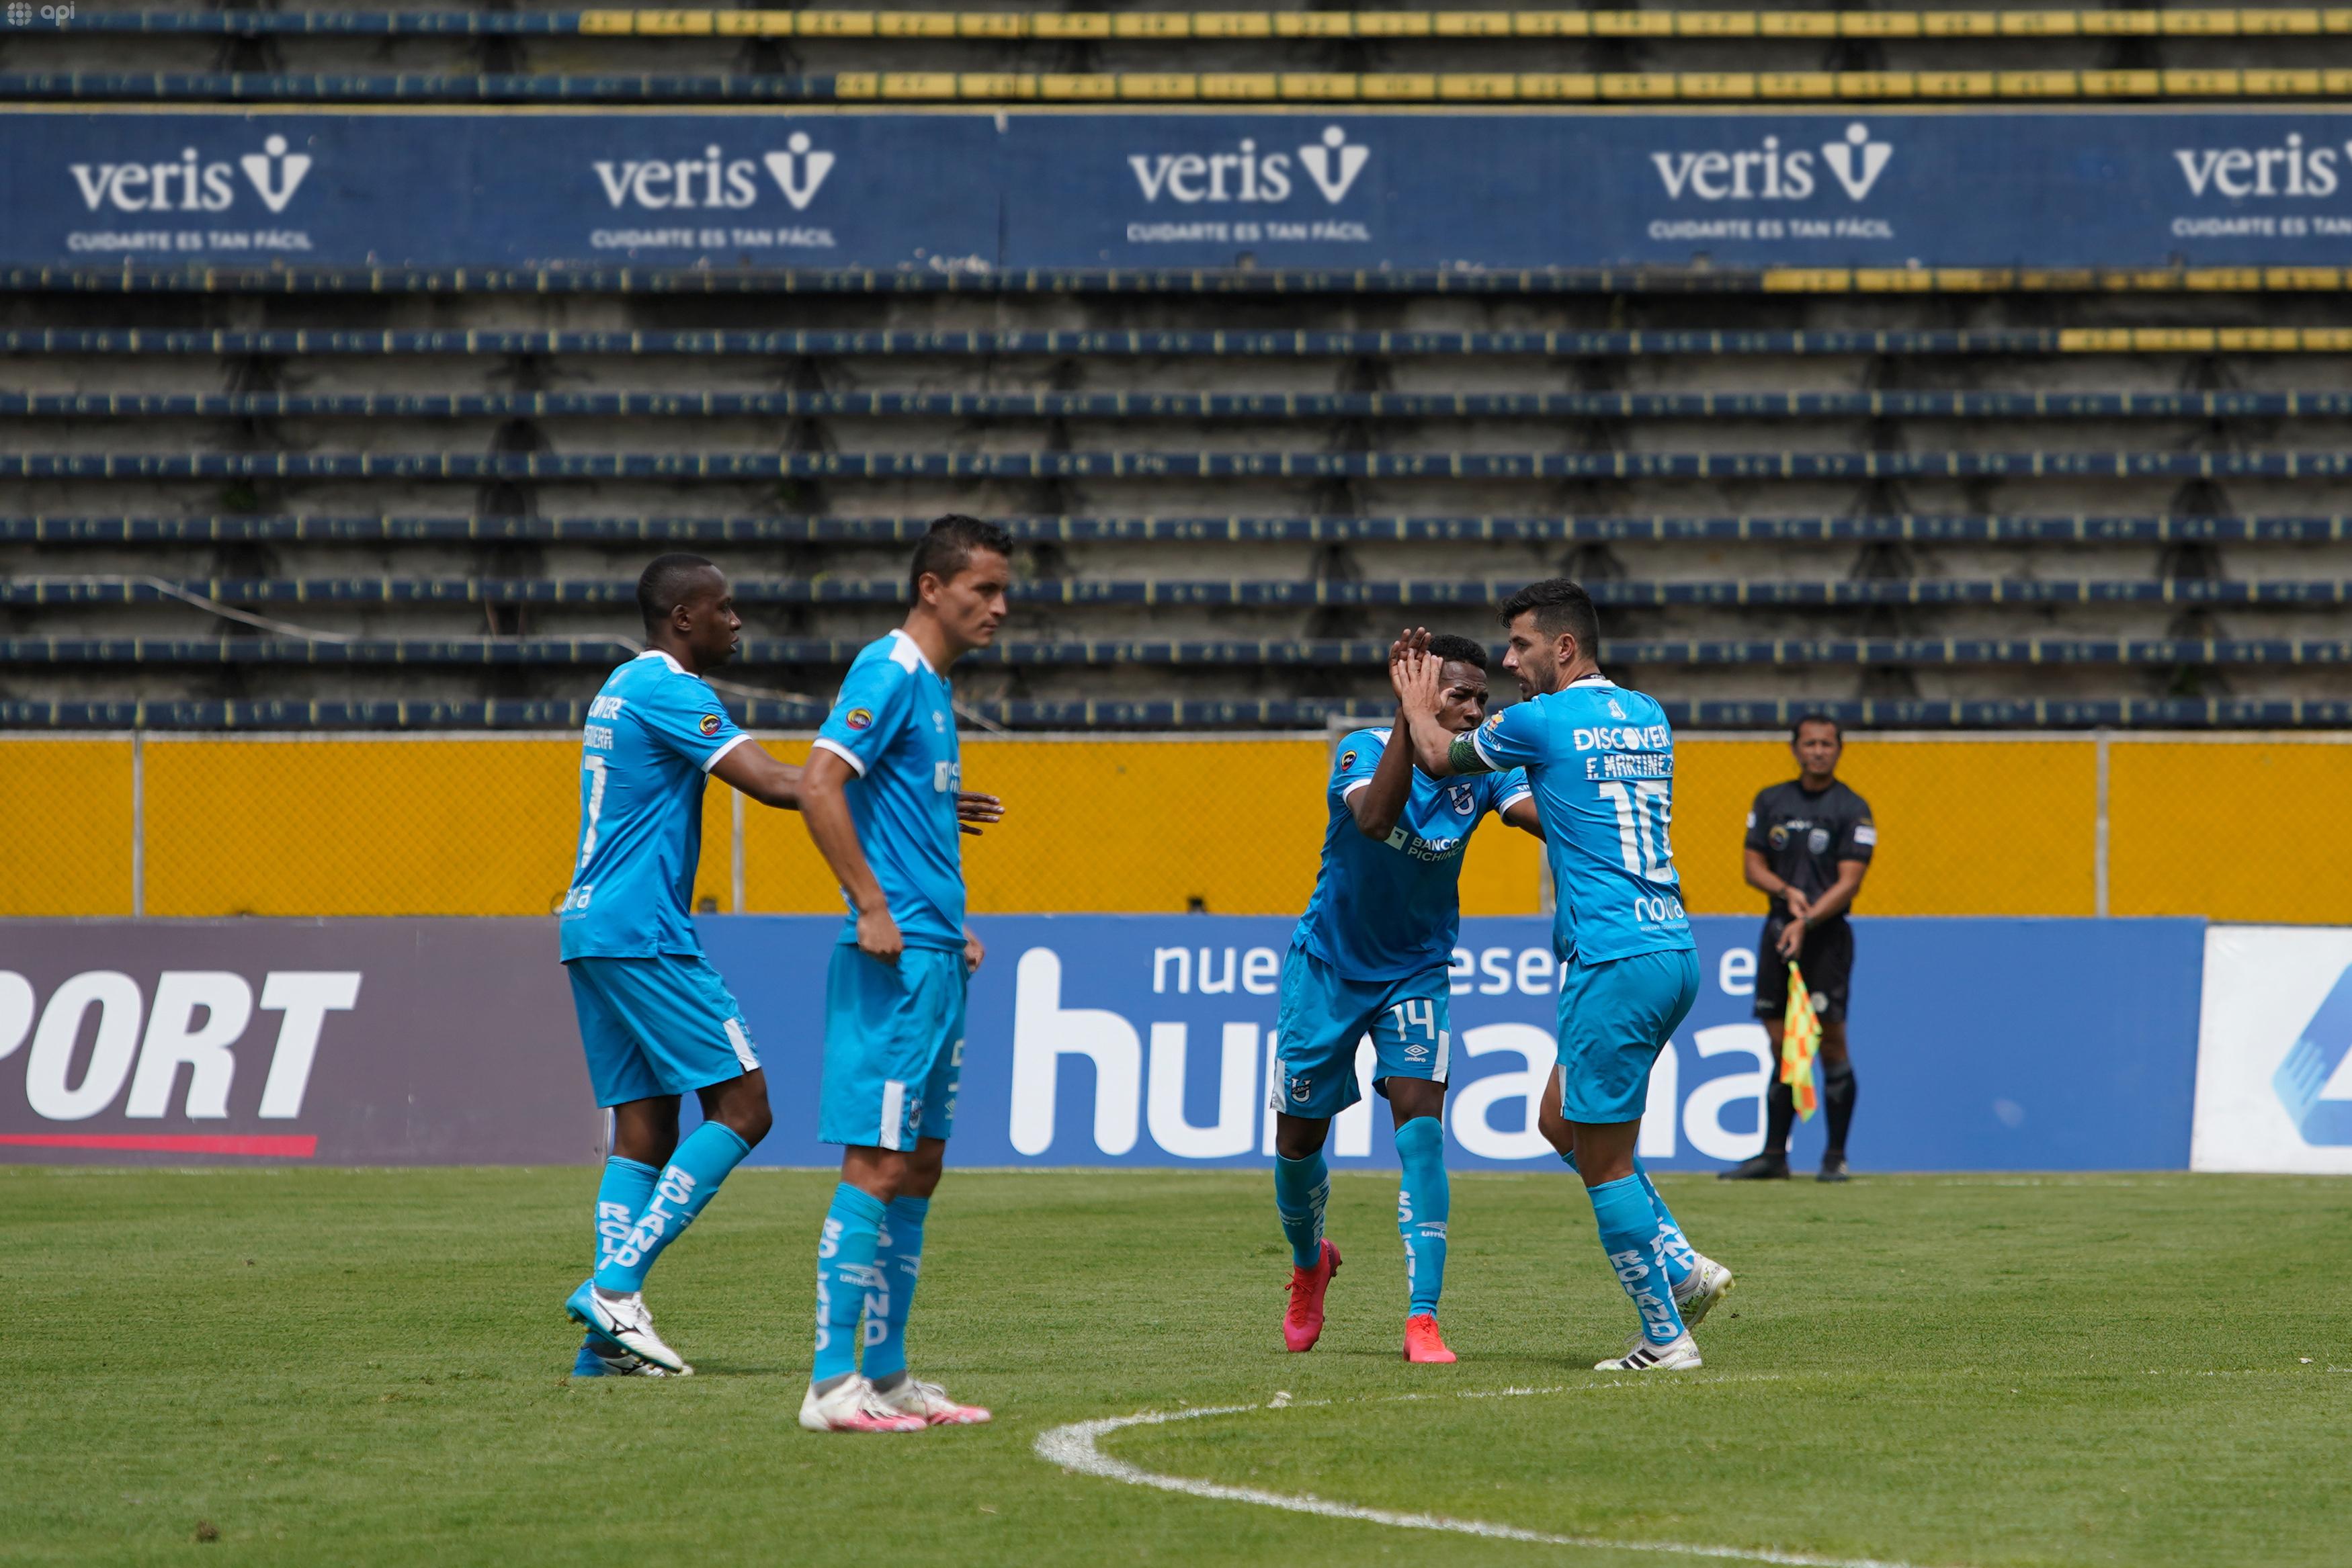 El cuadro uruguayo enfrentará a los camaratas en la primera fase de la Copa Libertadores